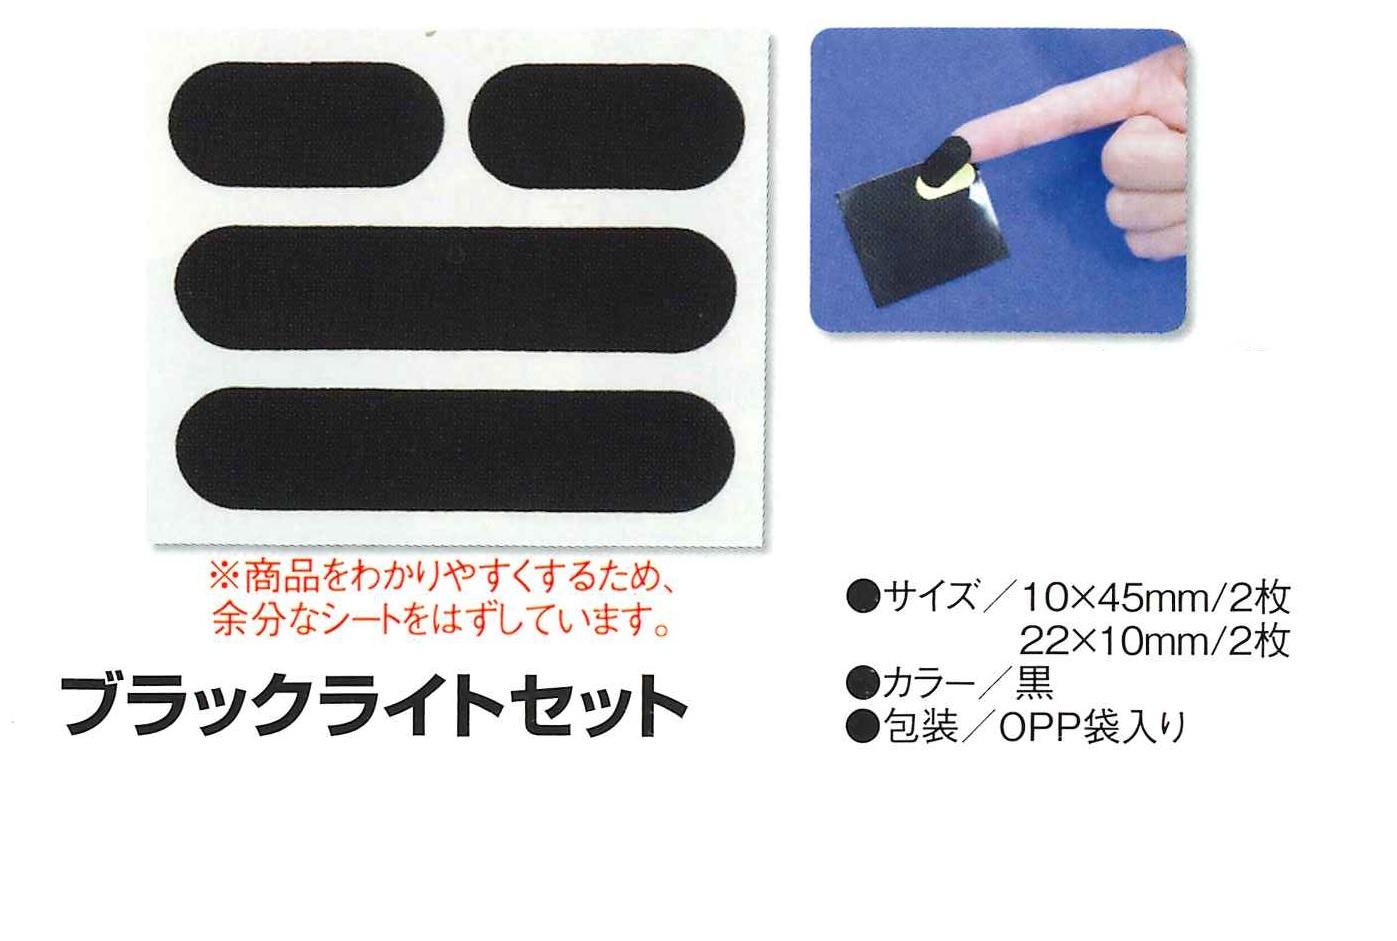 ブラック反射シール ブラックライト 反射 交通安全 シール 靴用反射シール  メール便可